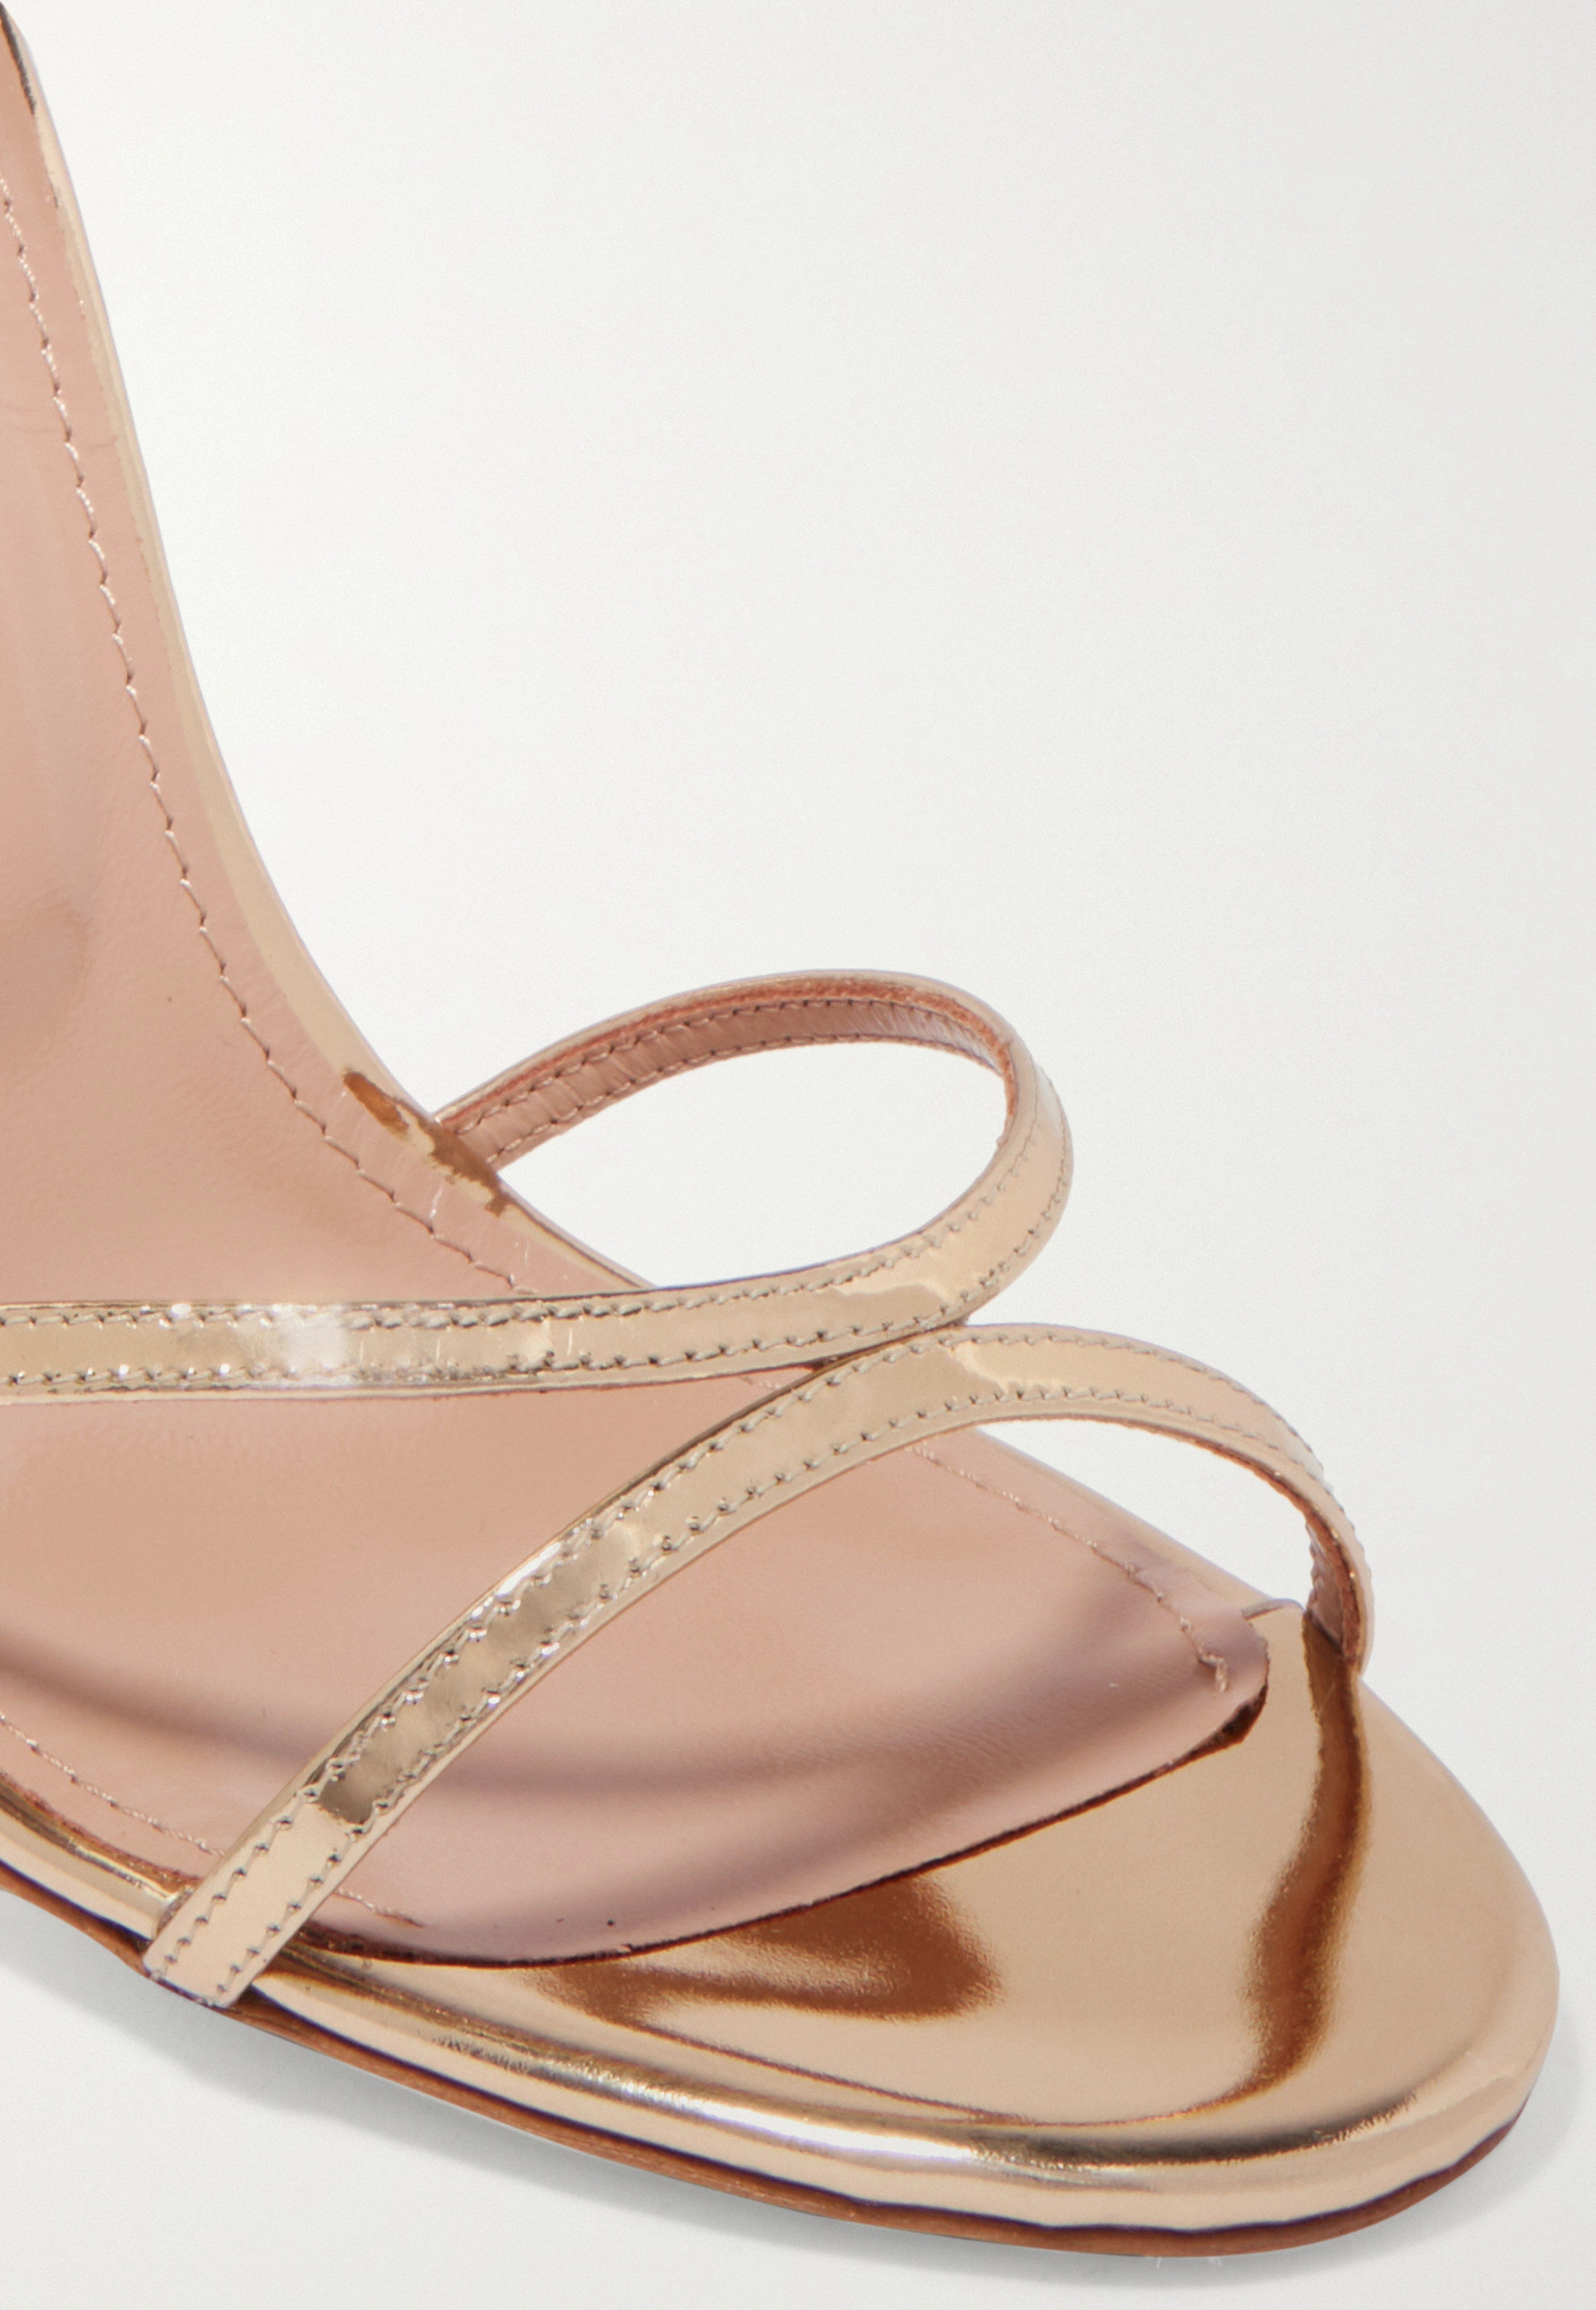 Aquazzura Sandales en cuir effet miroir Purist 105